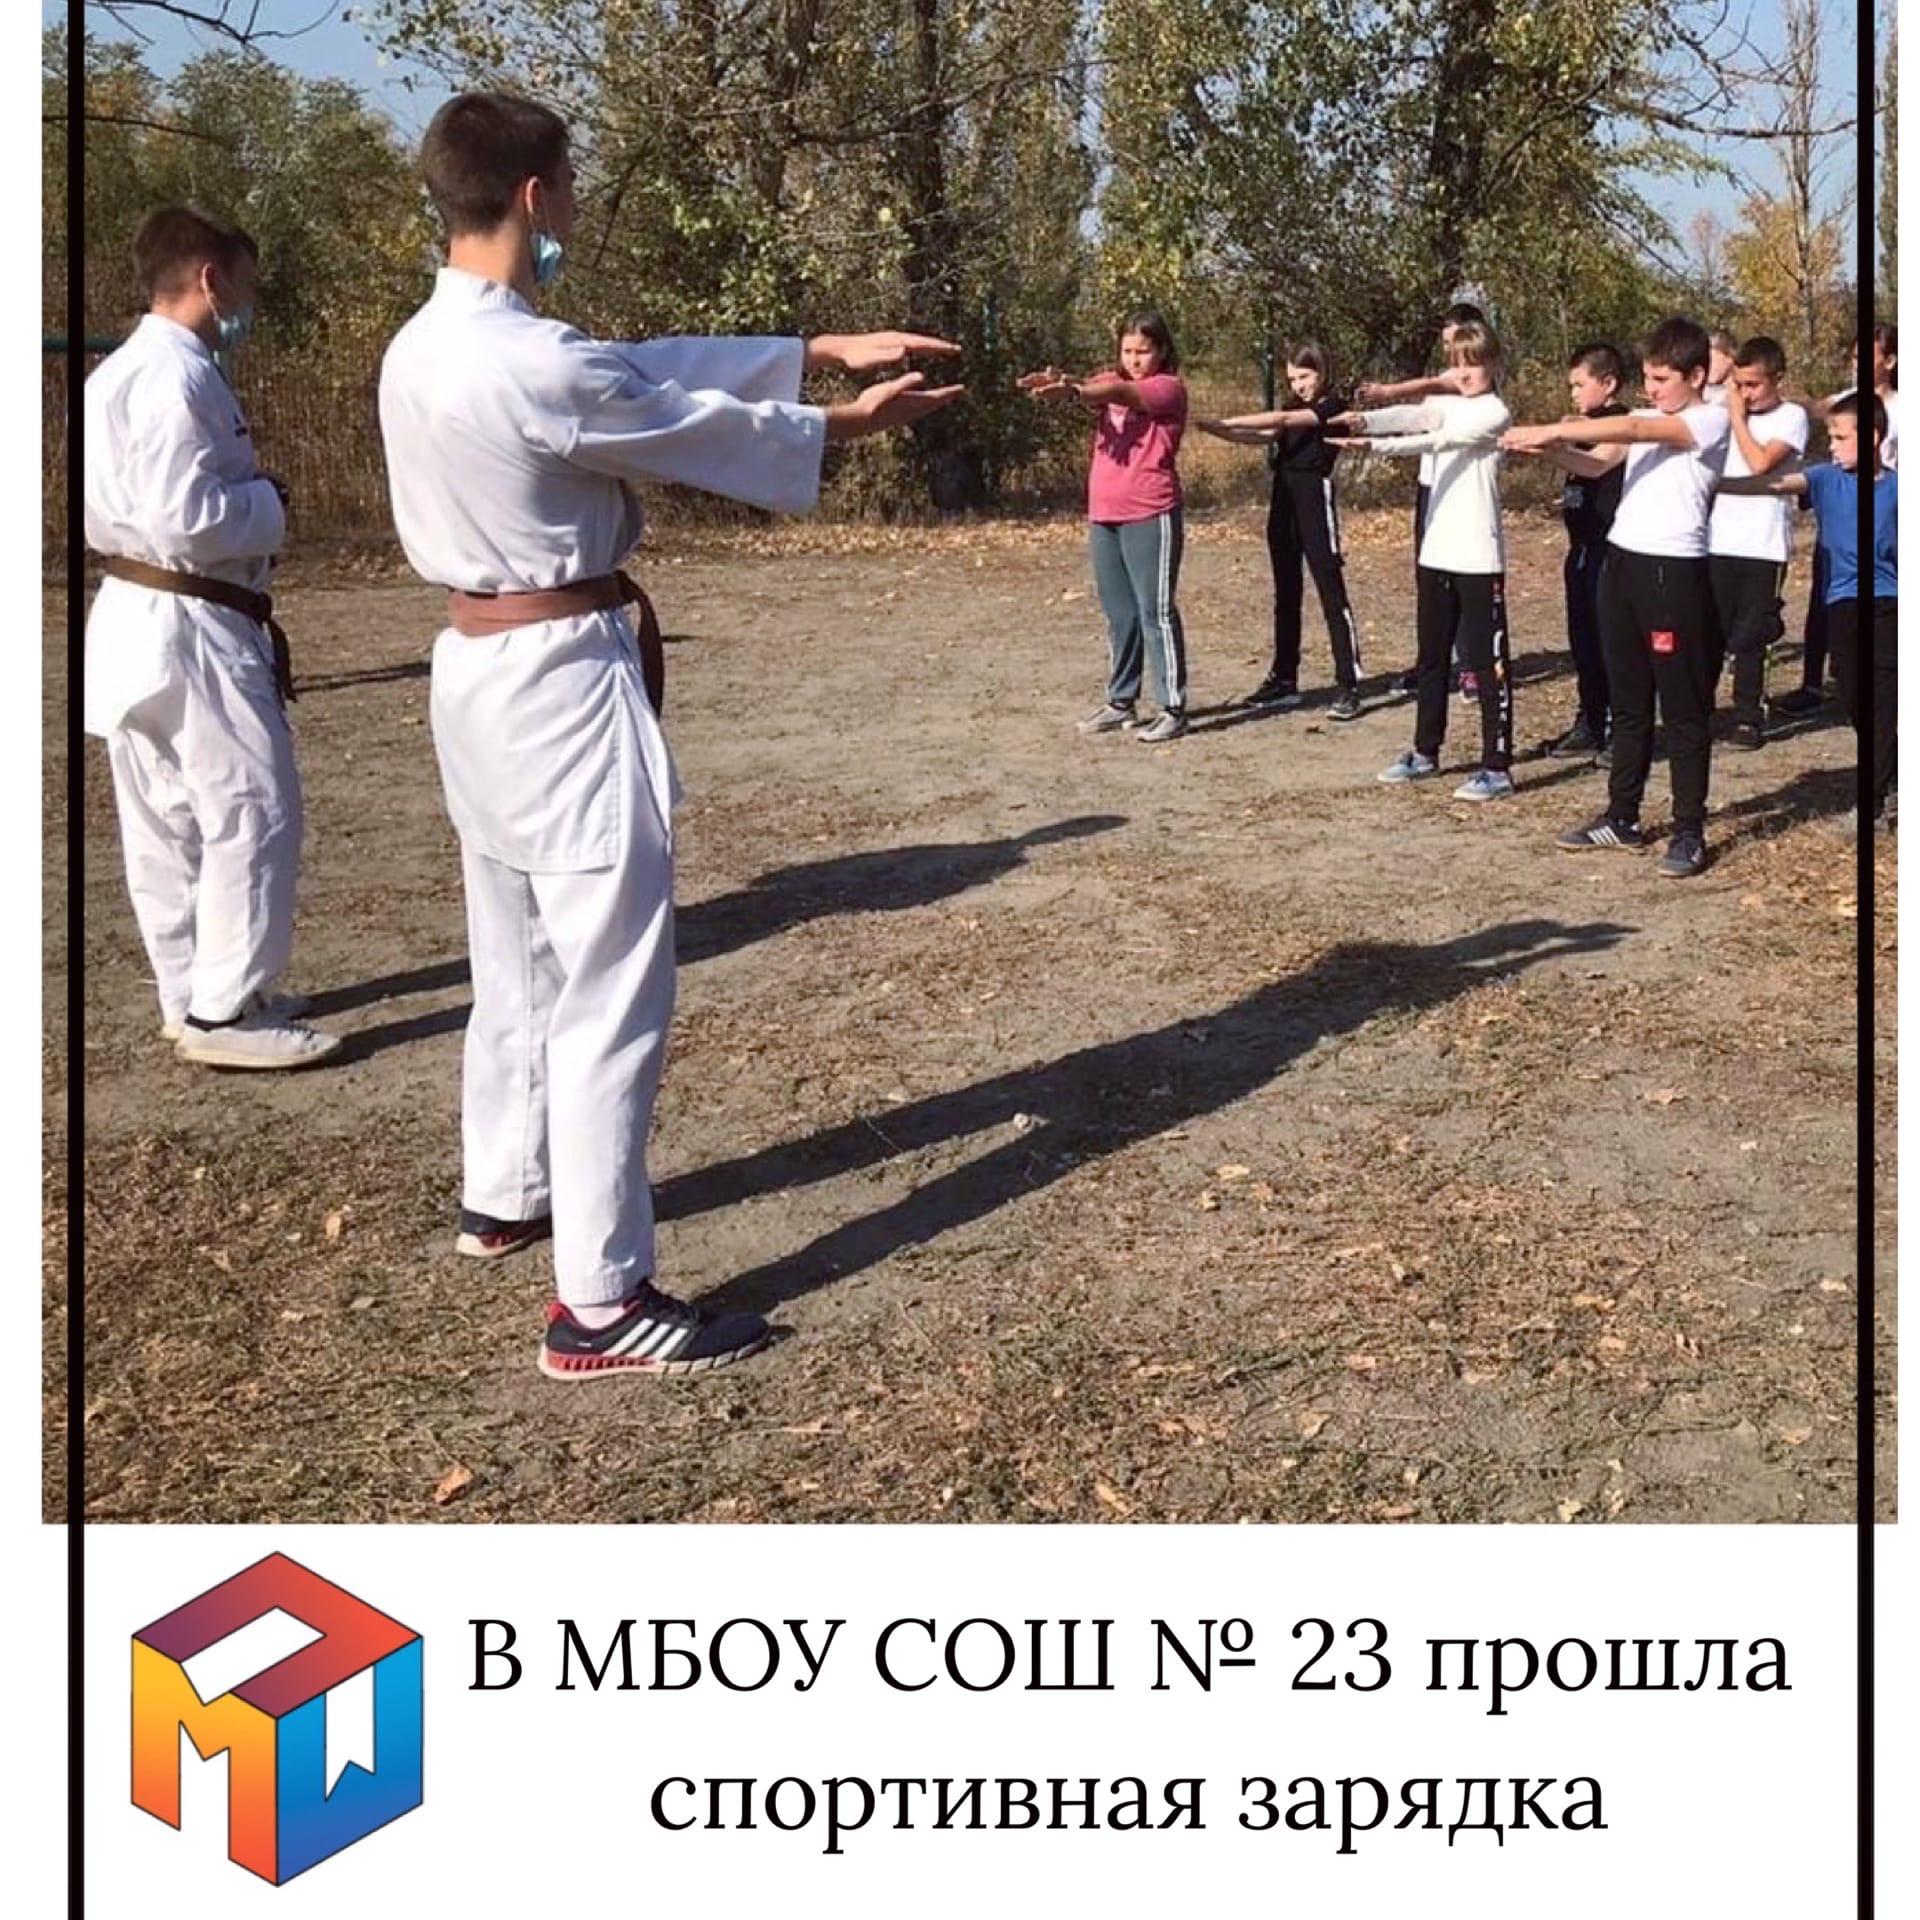 Сегодня для учеников МБОУ СОШ № 23 прошла спортивная зарядка на открытом воздухе